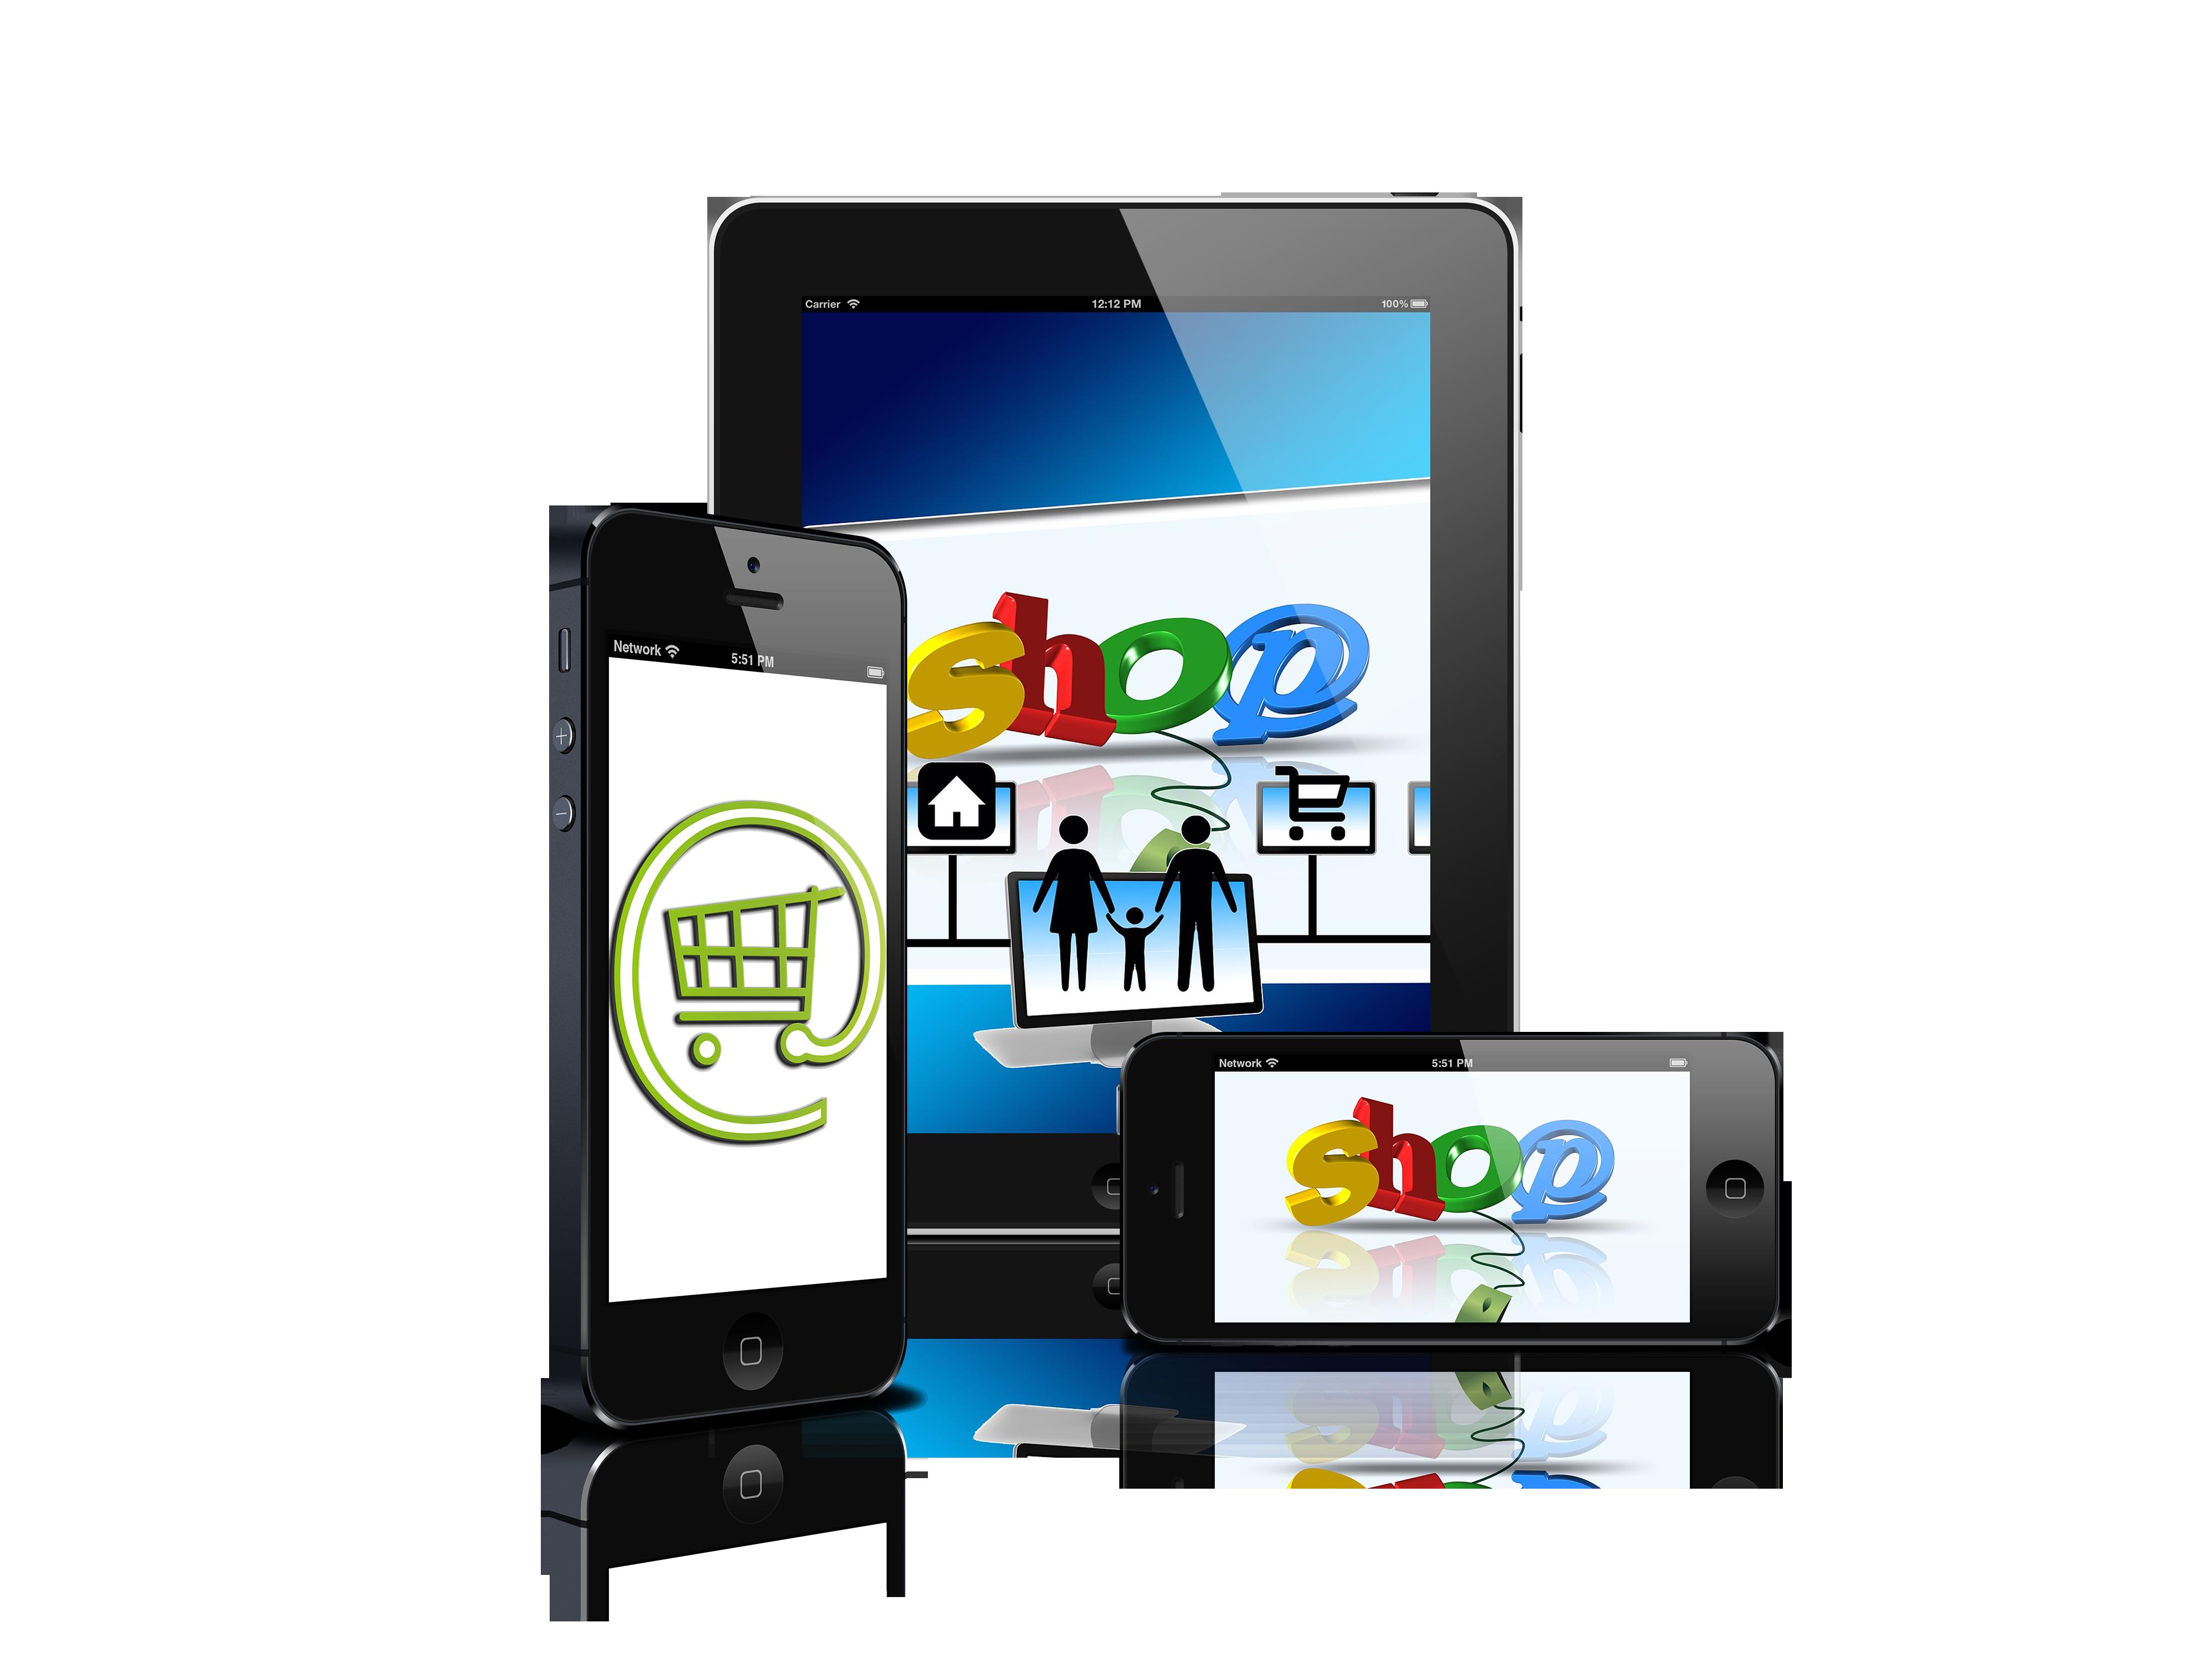 Web stranice odavno nisu statične u pogledu sadržaja. Menjaju se novosti, proizvodi i akcije, dodaju se podstranice i razne funkcionalnosti. Zato mi kreiramo moderne i atraktivne stranice, responzivnog i adaptivnog dizajna sa ciljem da korisnika, pored dobrog izgleda, privuče i lako korišćenje sadržaja.